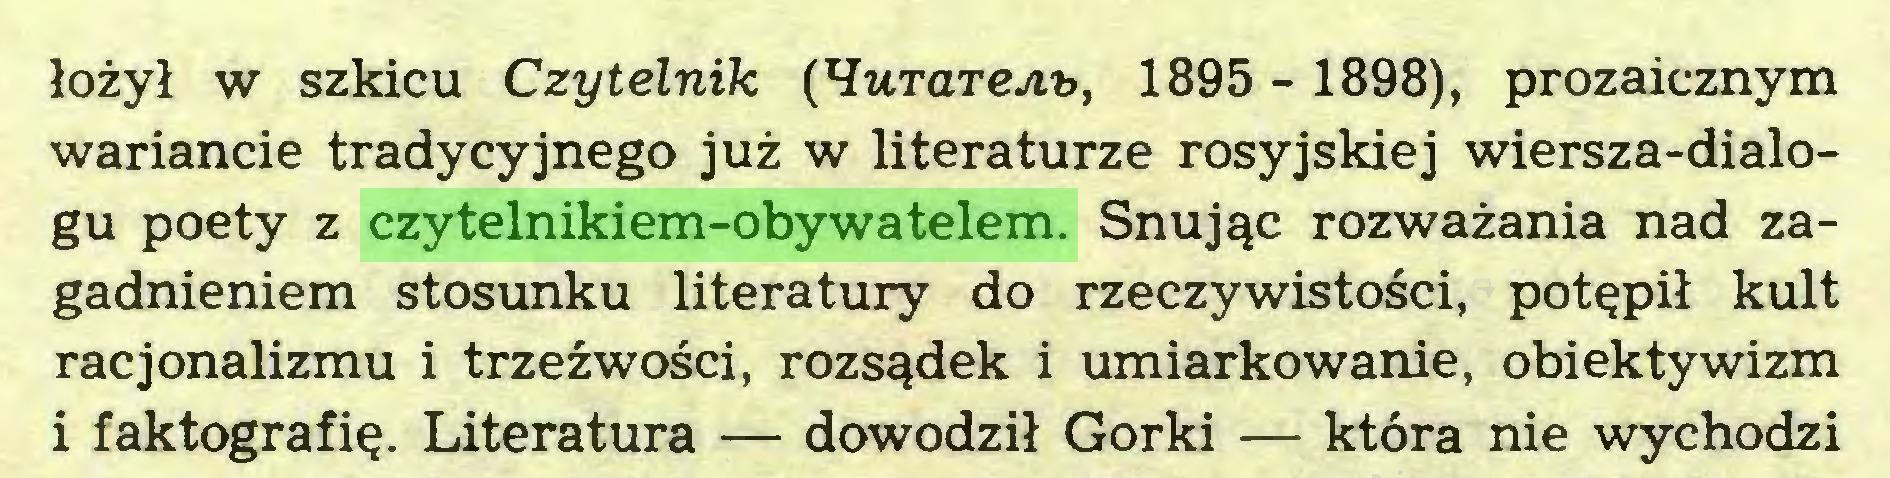 (...) łożył w szkicu Czytelnik (HurareAu, 1895 -1898), prozaicznym wariancie tradycyjnego już w literaturze rosyjskiej wiersza-dialogu poety z czytelnikiem-obywatelem. Snując rozważania nad zagadnieniem stosunku literatury do rzeczywistości, potępił kult racjonalizmu i trzeźwości, rozsądek i umiarkowanie, obiektywizm i faktografię. Literatura — dowodził Gorki — która nie wychodzi...